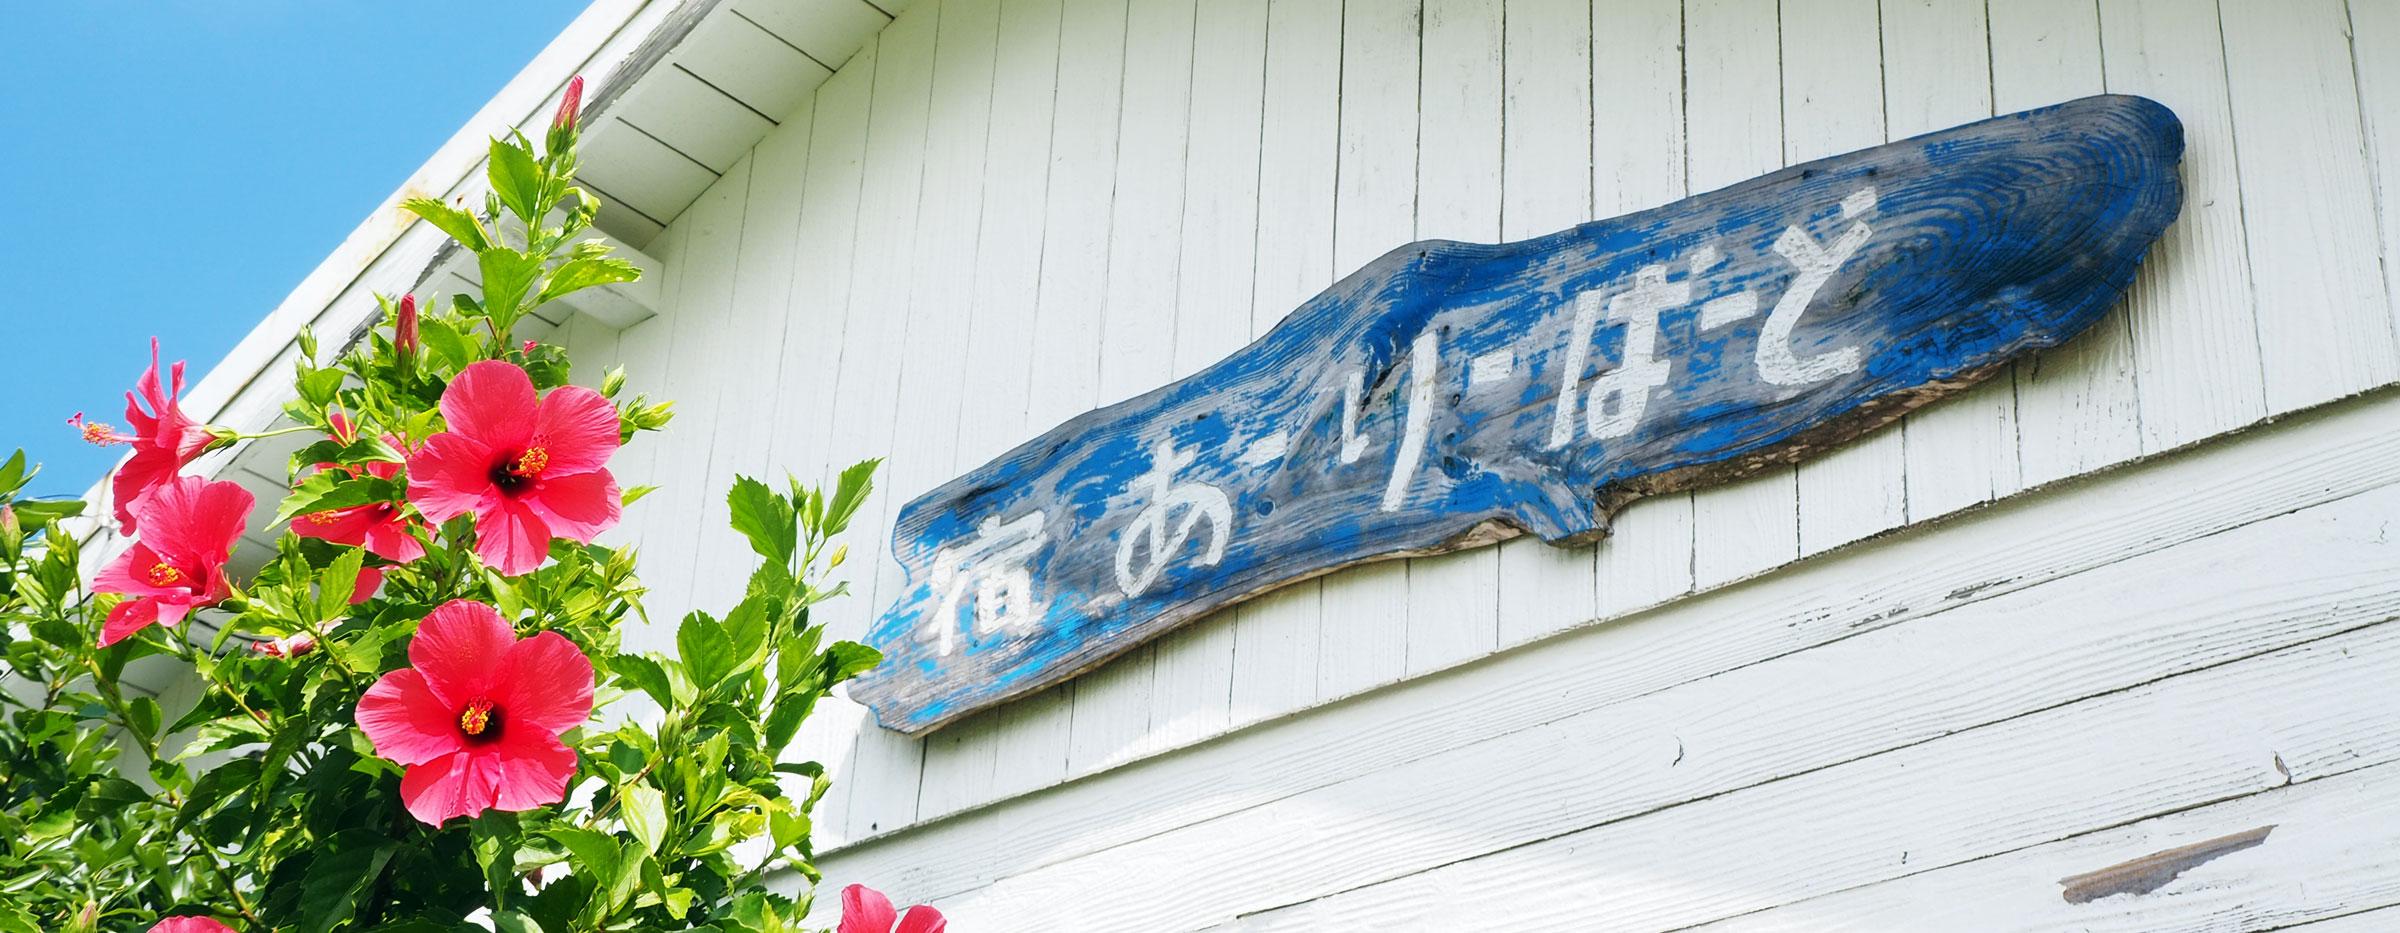 奄美大島の長期滞在可能なペンション【あーりーばーど】 |  奄美 ペンション 宿泊施設